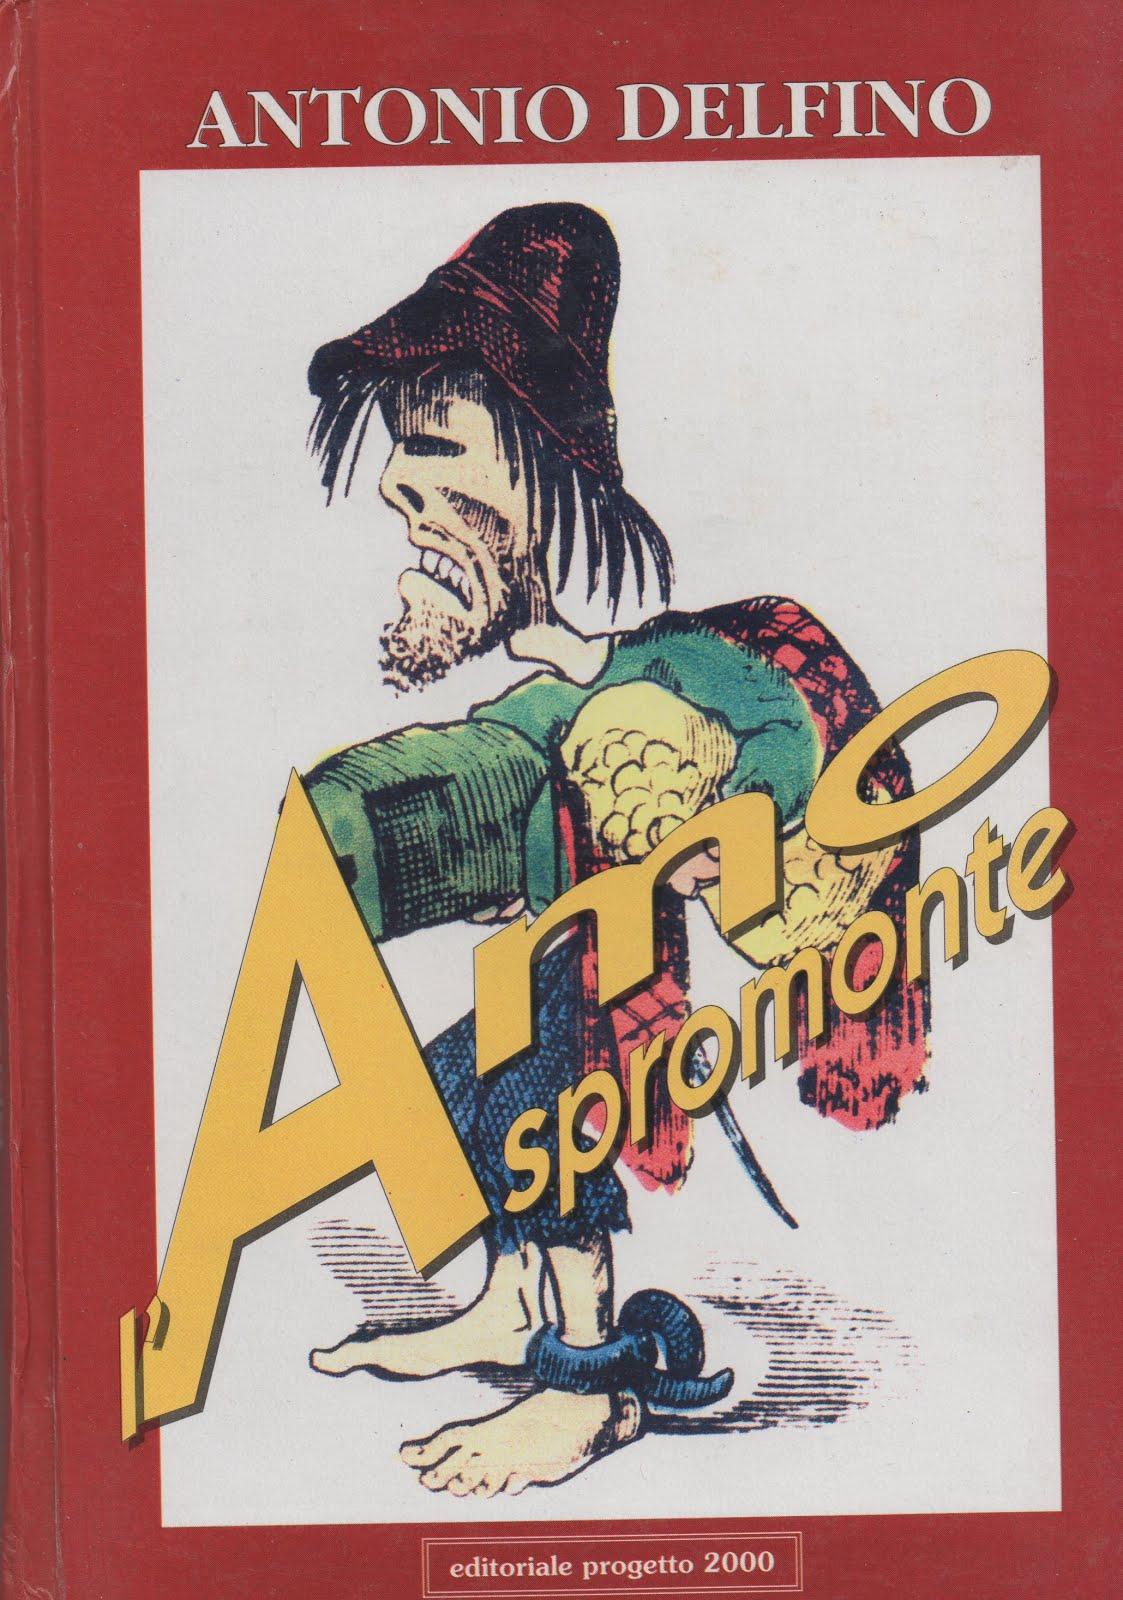 AMO L'ASPROMONTE